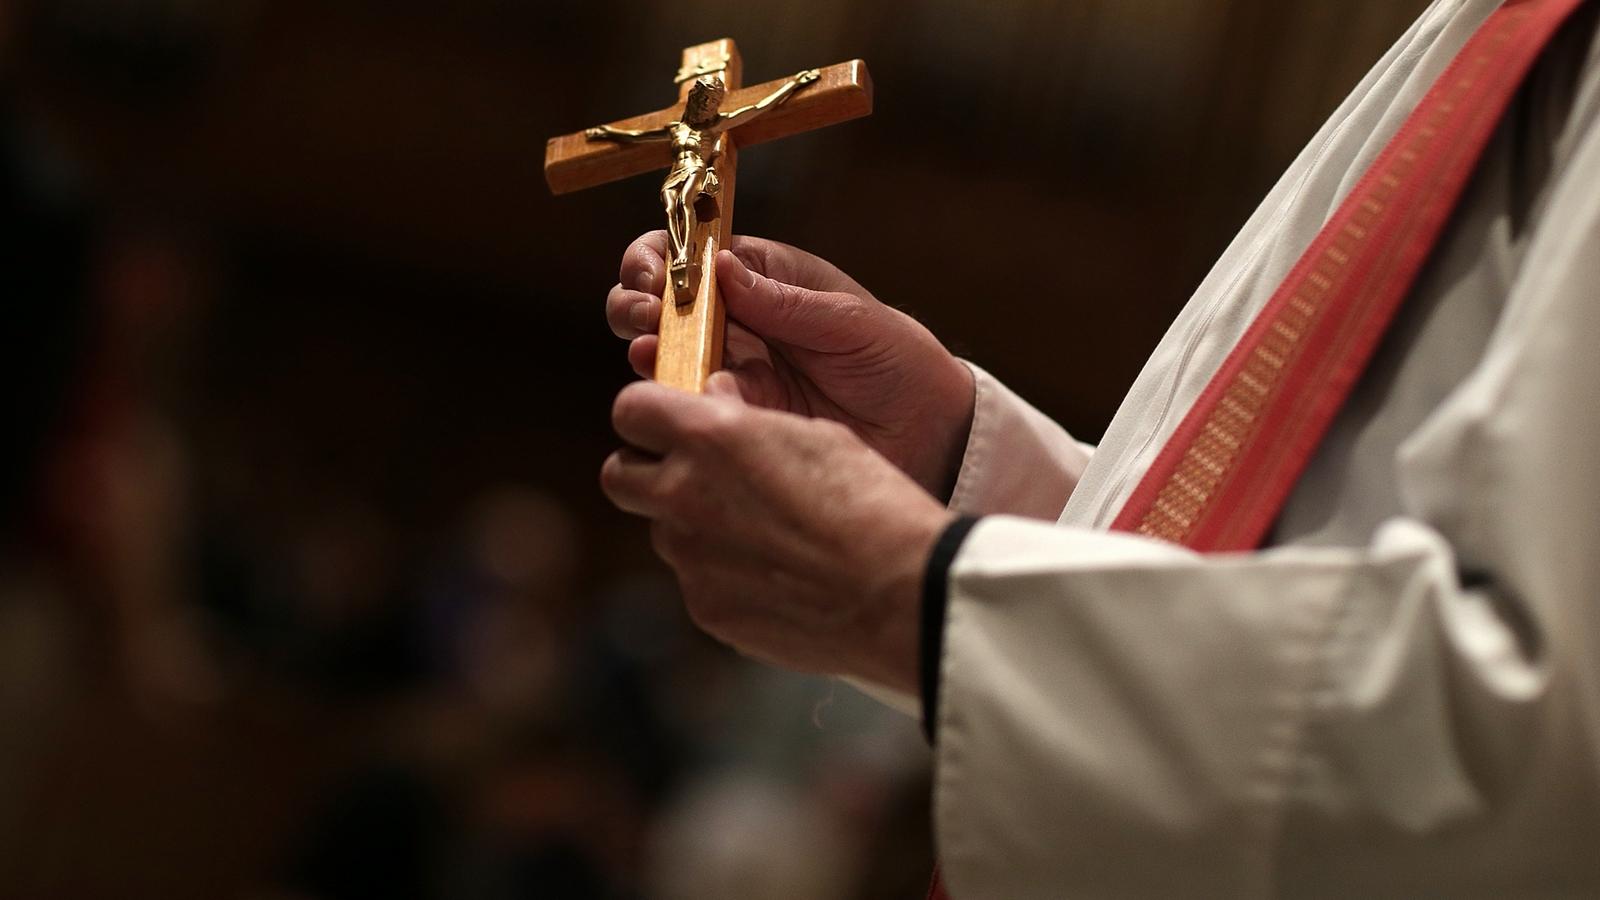 Más Abusos Sexuales de Sacerdotes y la Intimidación Gay en la Iglesia